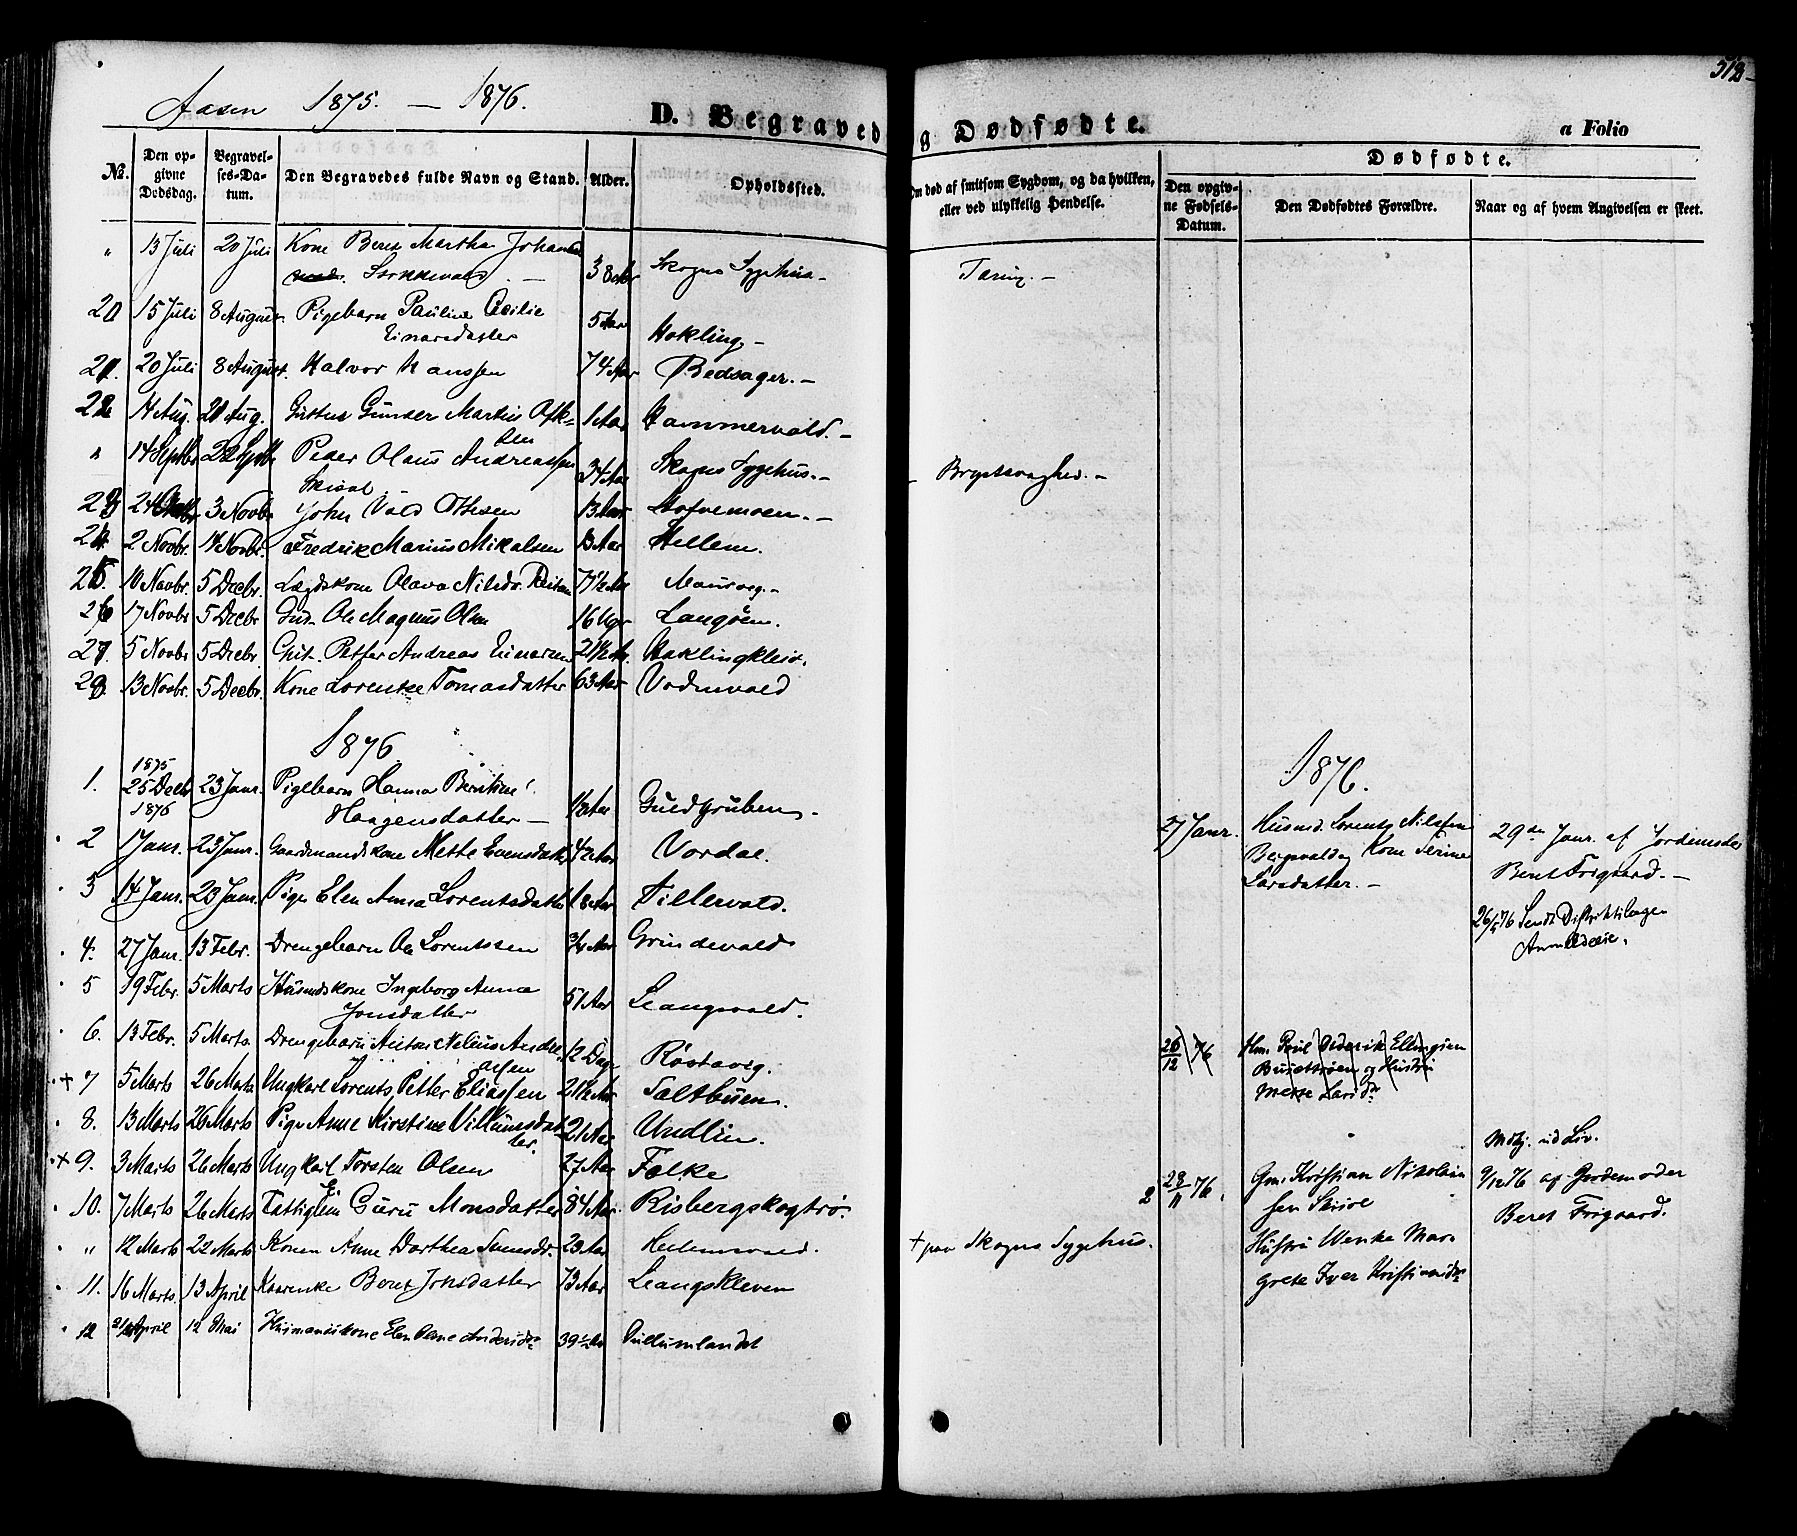 SAT, Ministerialprotokoller, klokkerbøker og fødselsregistre - Nord-Trøndelag, 713/L0116: Ministerialbok nr. 713A07 /2, 1850-1877, s. 512